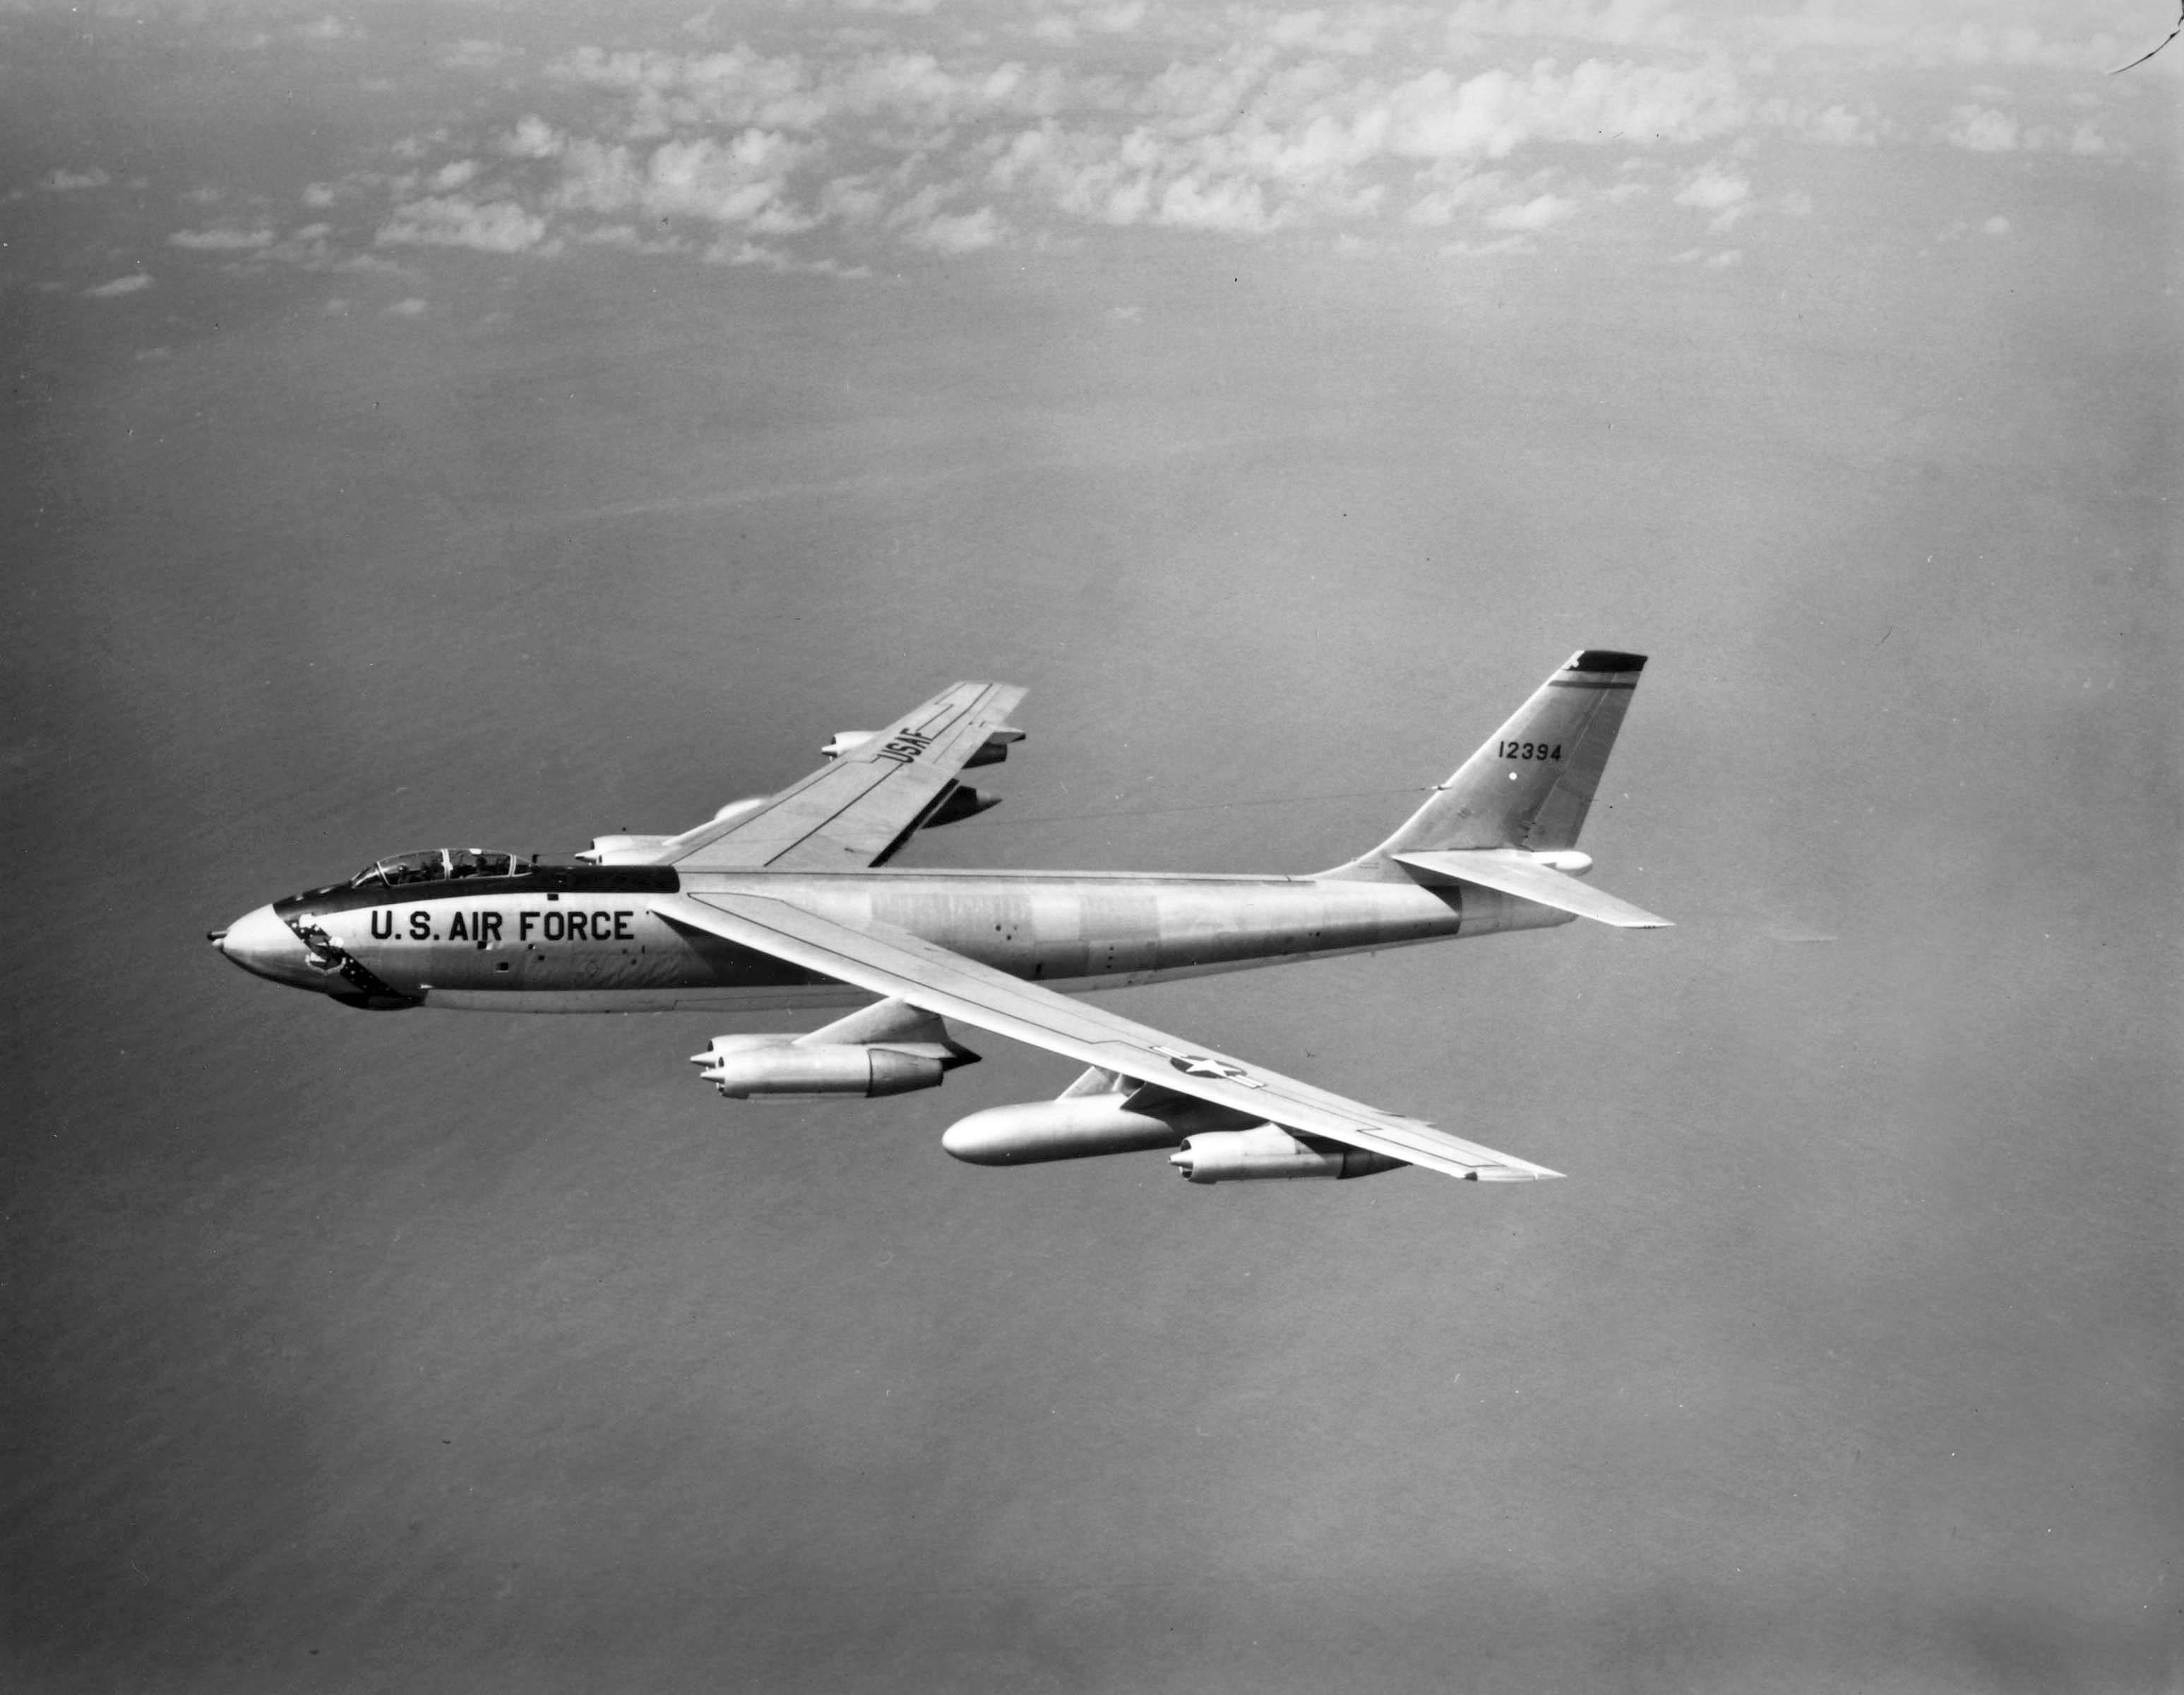 File:Boeing B-47E Stratojet 51-2394.jpg - Wikimedia Commons